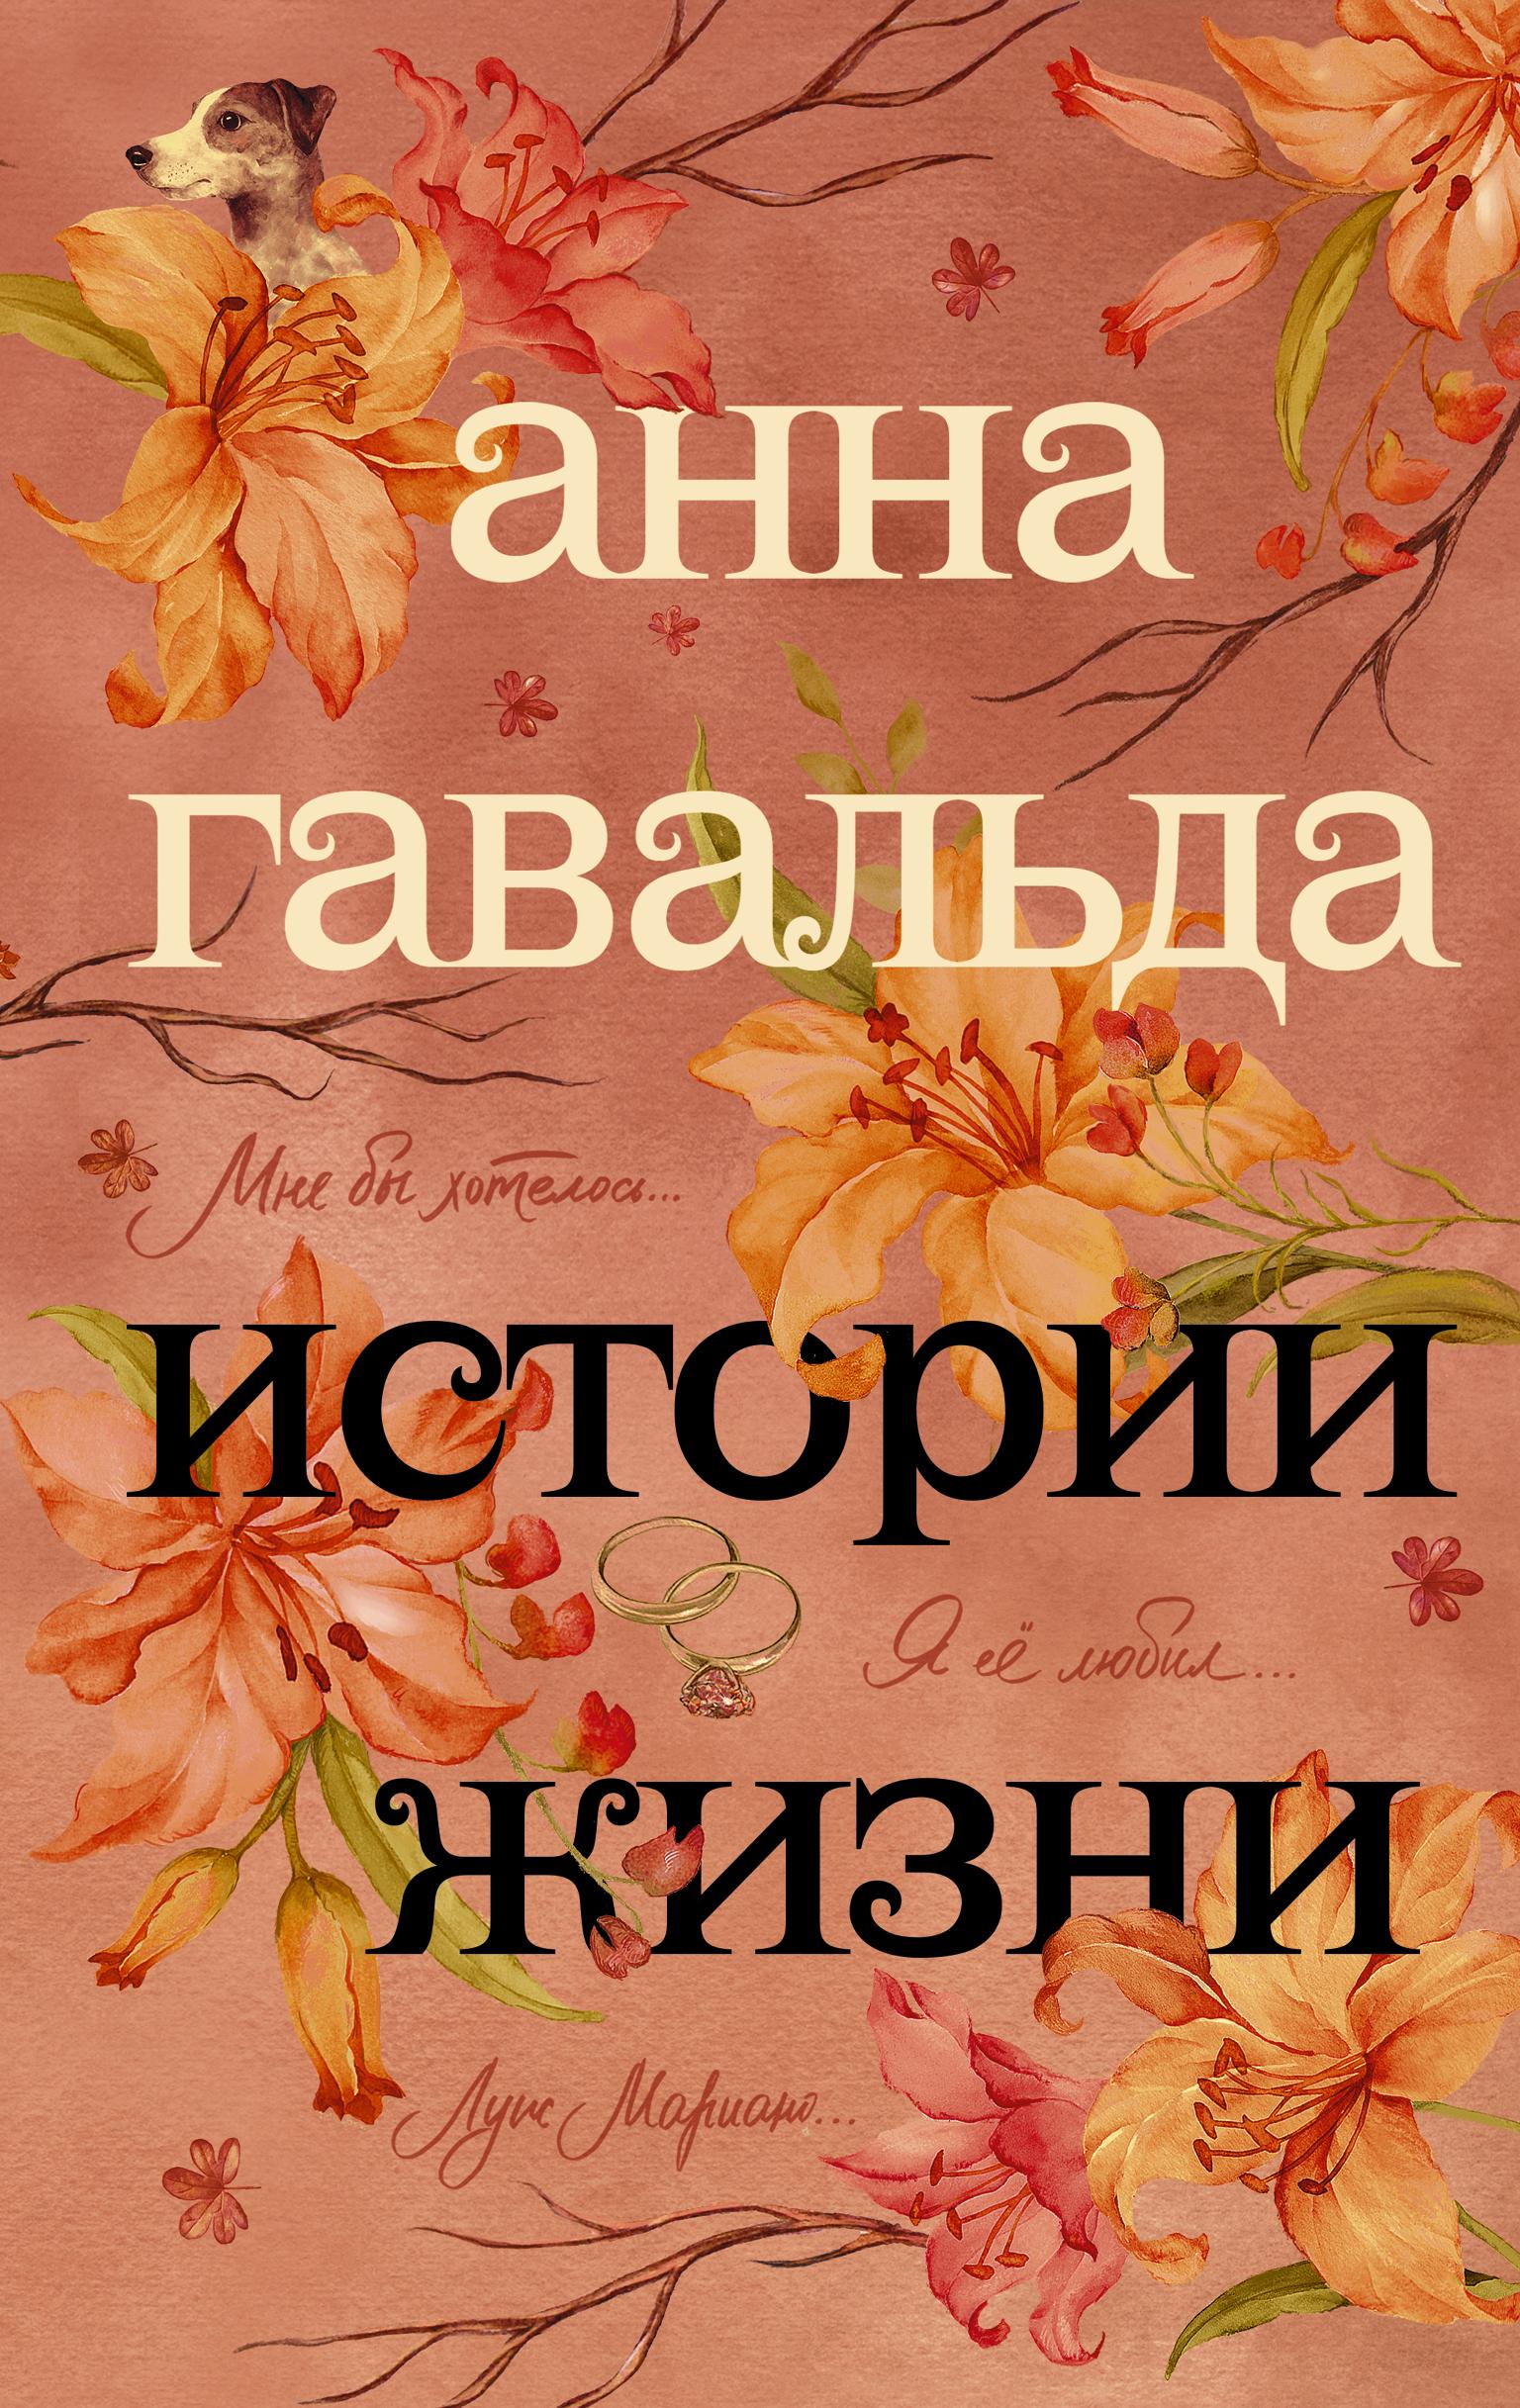 Анна Гавальда Истории жизни: Я ее любил. Мне бы хотелось. Луис Мариано анна гавальда истории жизни я ее любил мне бы хотелось луис мариано isbn 978 5 17 982362 9